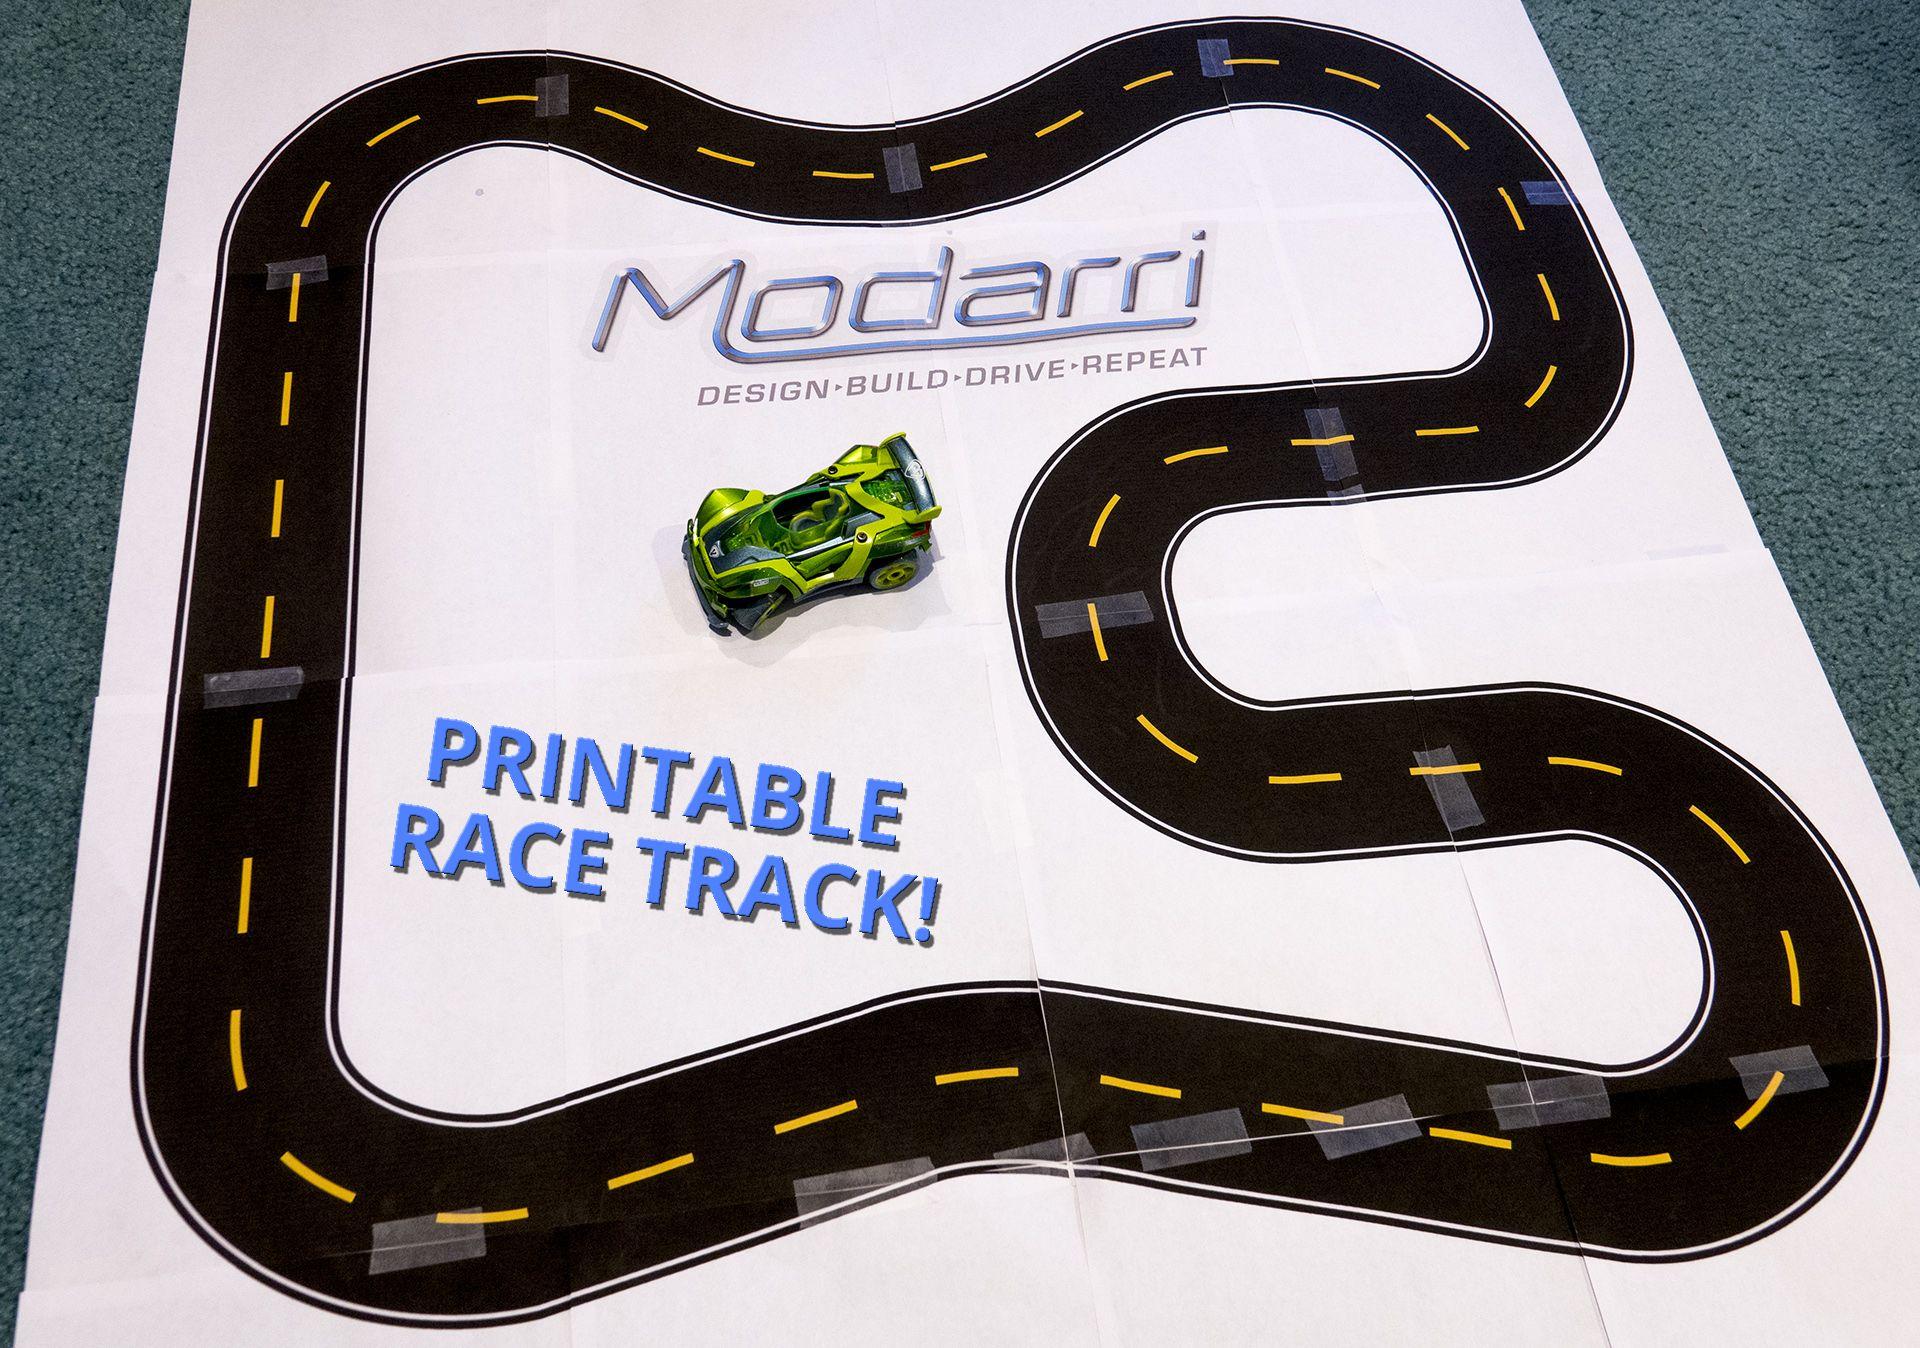 Printable Race Track